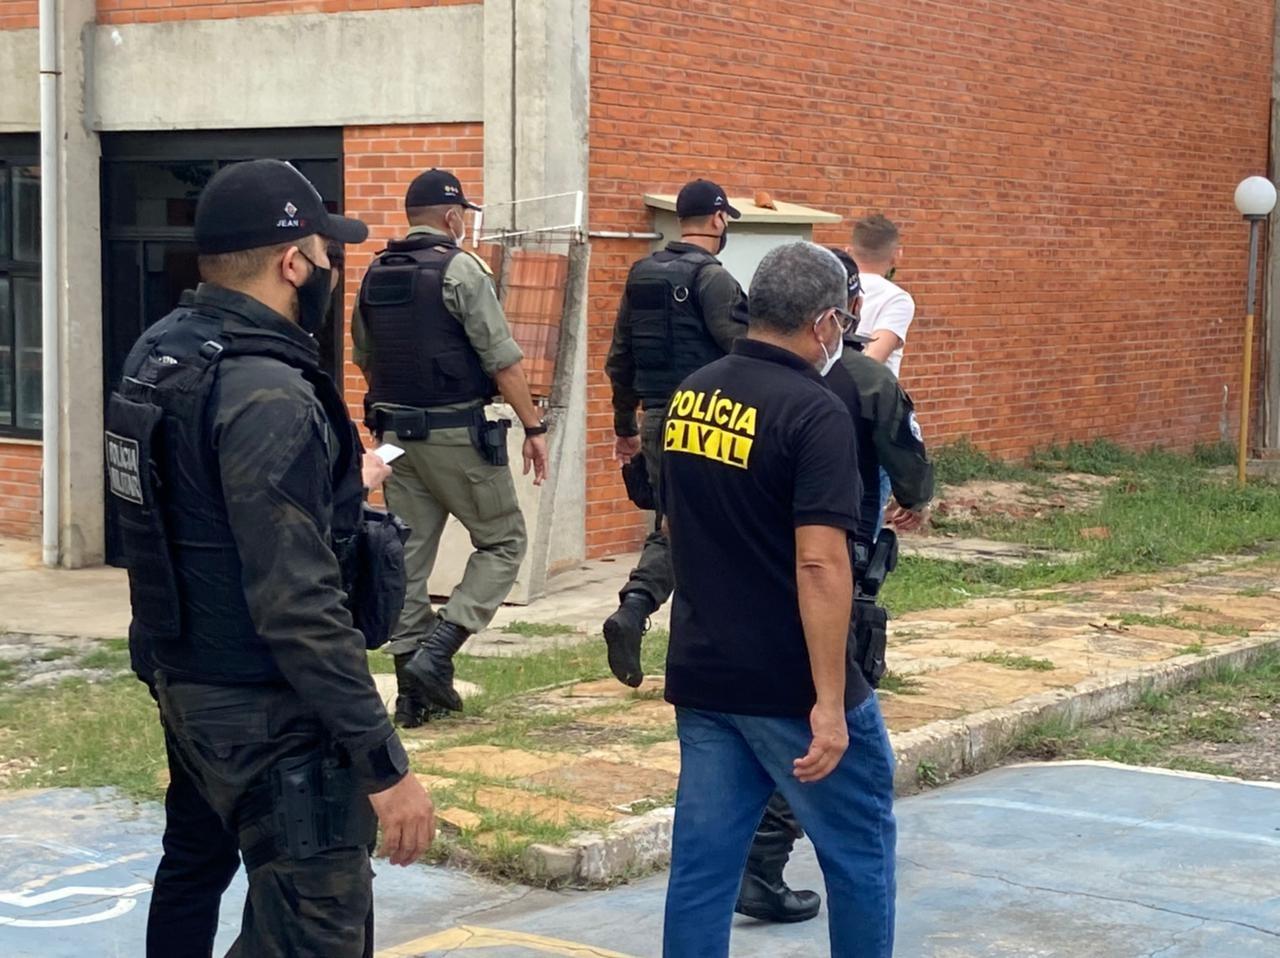 Acusado de roubo é preso enquanto fazia Enem em Teresina; polícia cumpriu a mandado de prisão